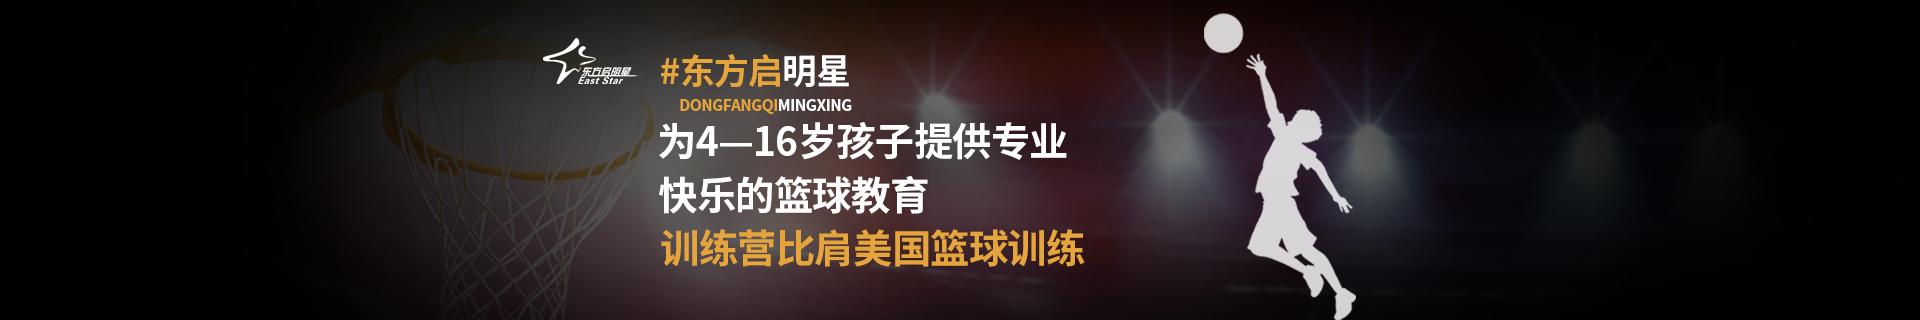 苏州吴中区东方启明星玲珑湾校区